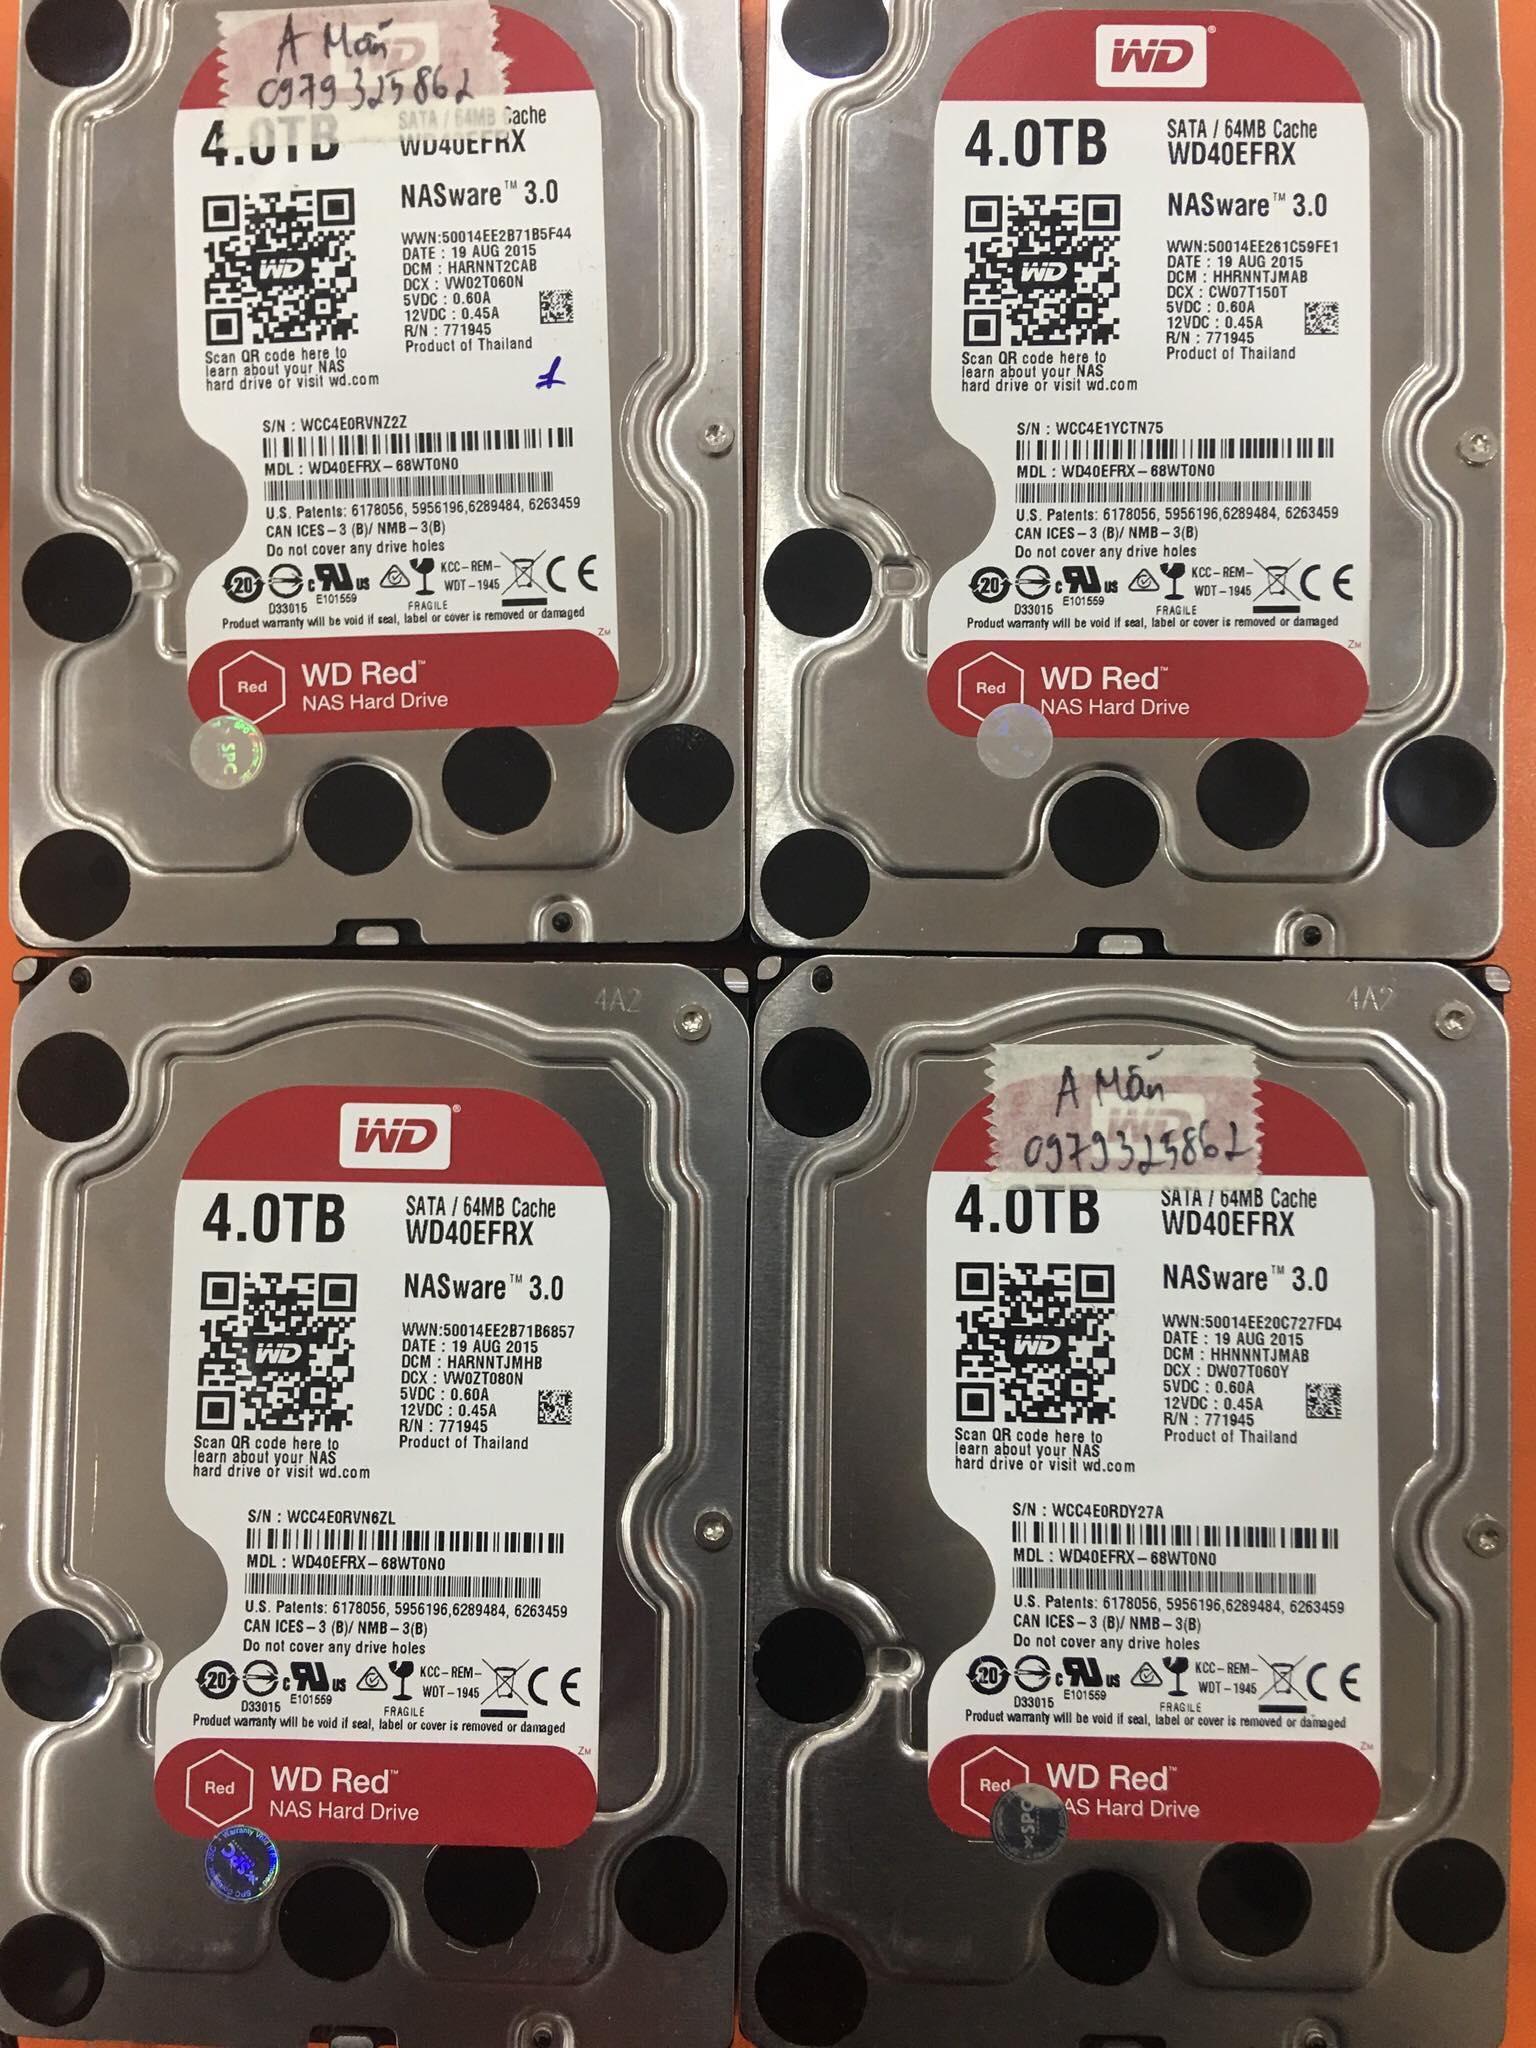 Cứu dữ liệu máy chủ NAS với 4HDDx4TB lỗi 2HDD 15/03/2020 - cuumaytinh